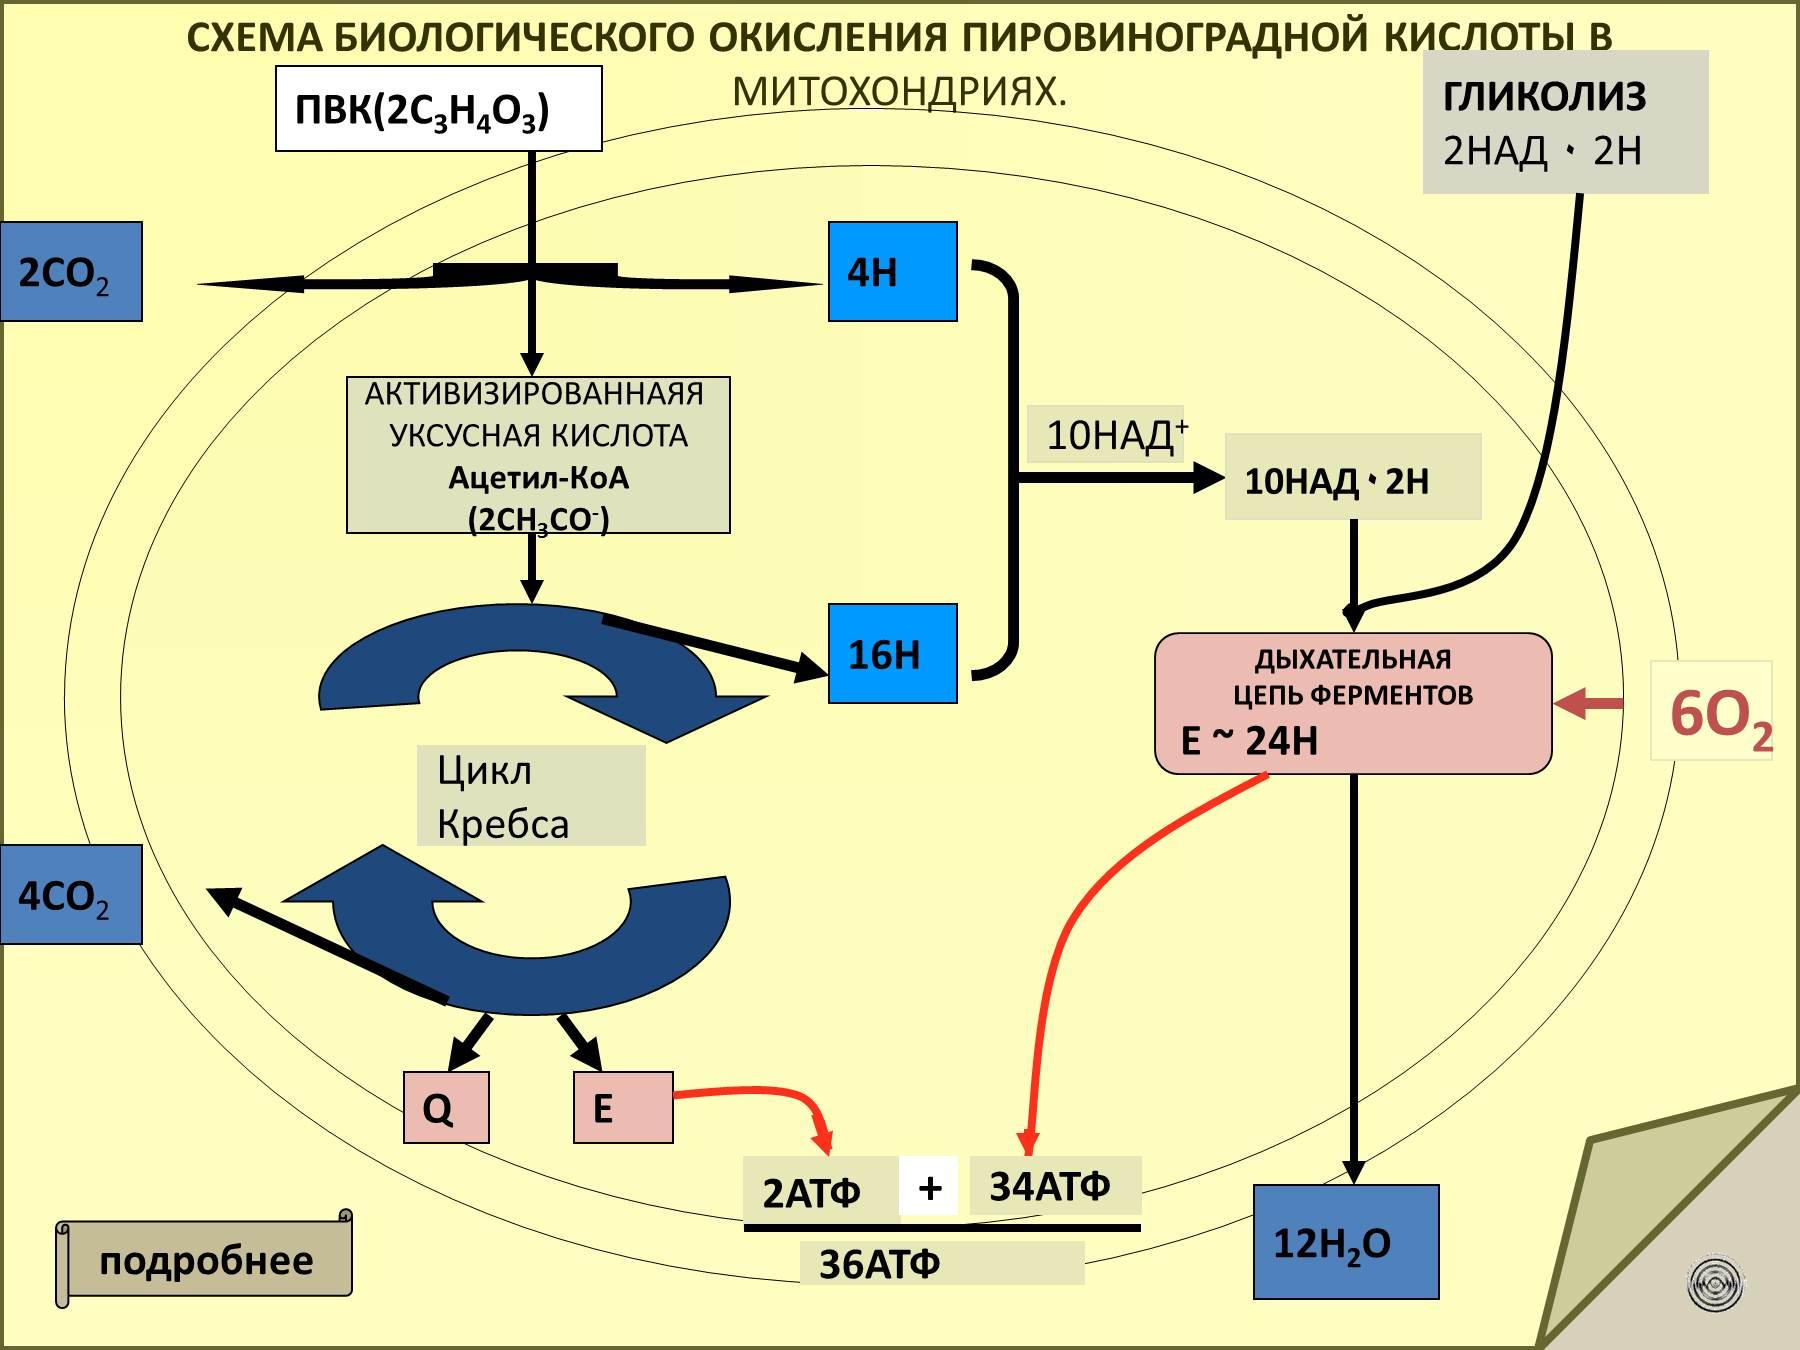 Пути биологического окисления схемы